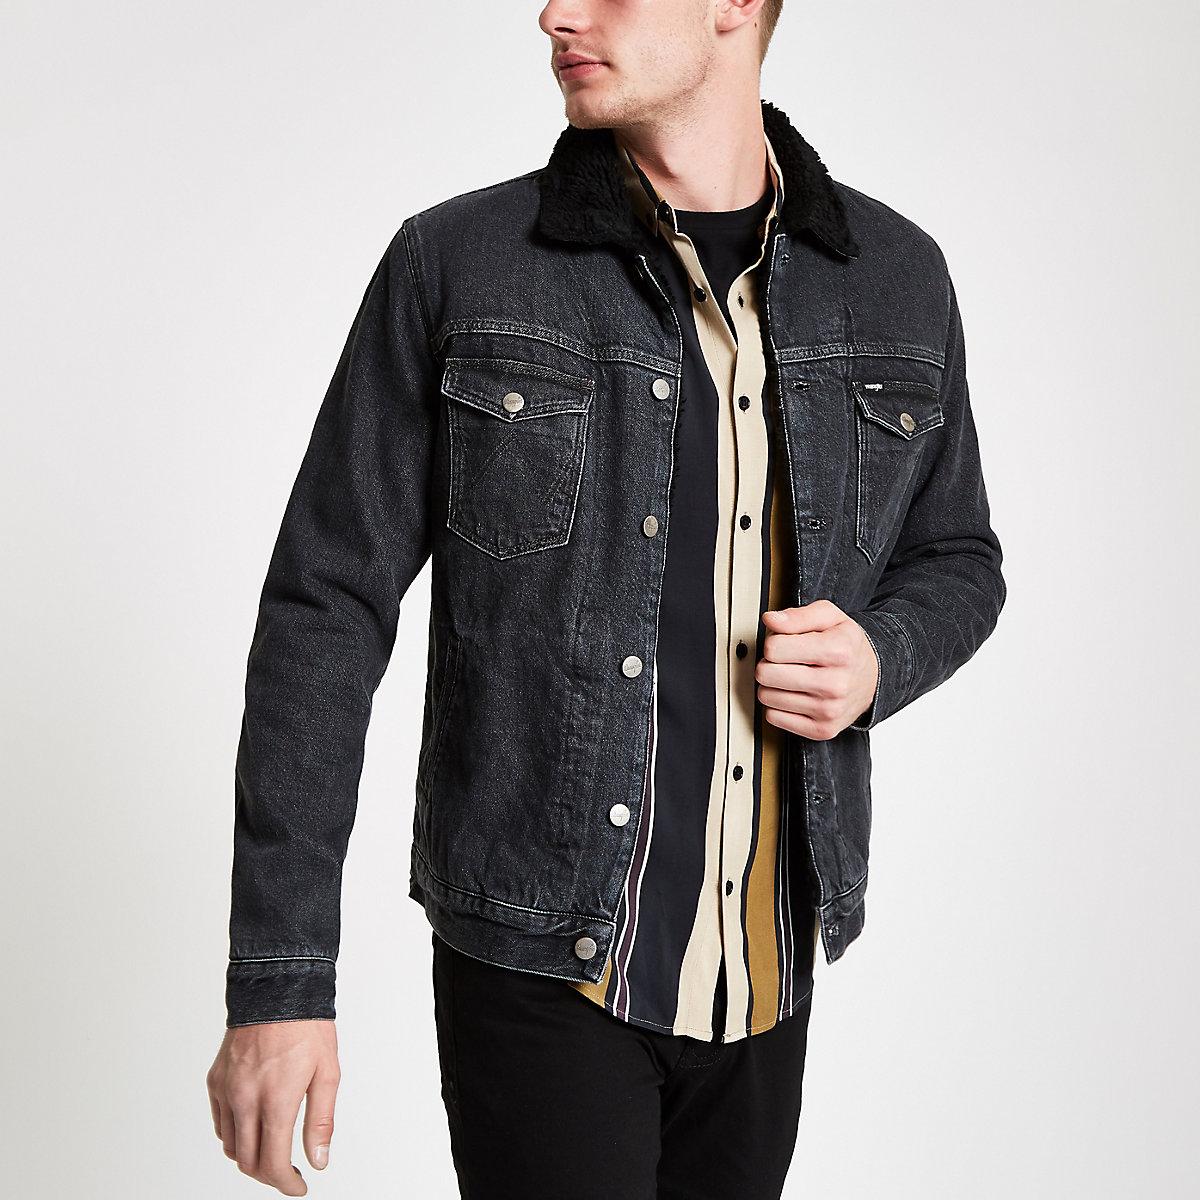 Wrangler black shearling denim trucker jacket